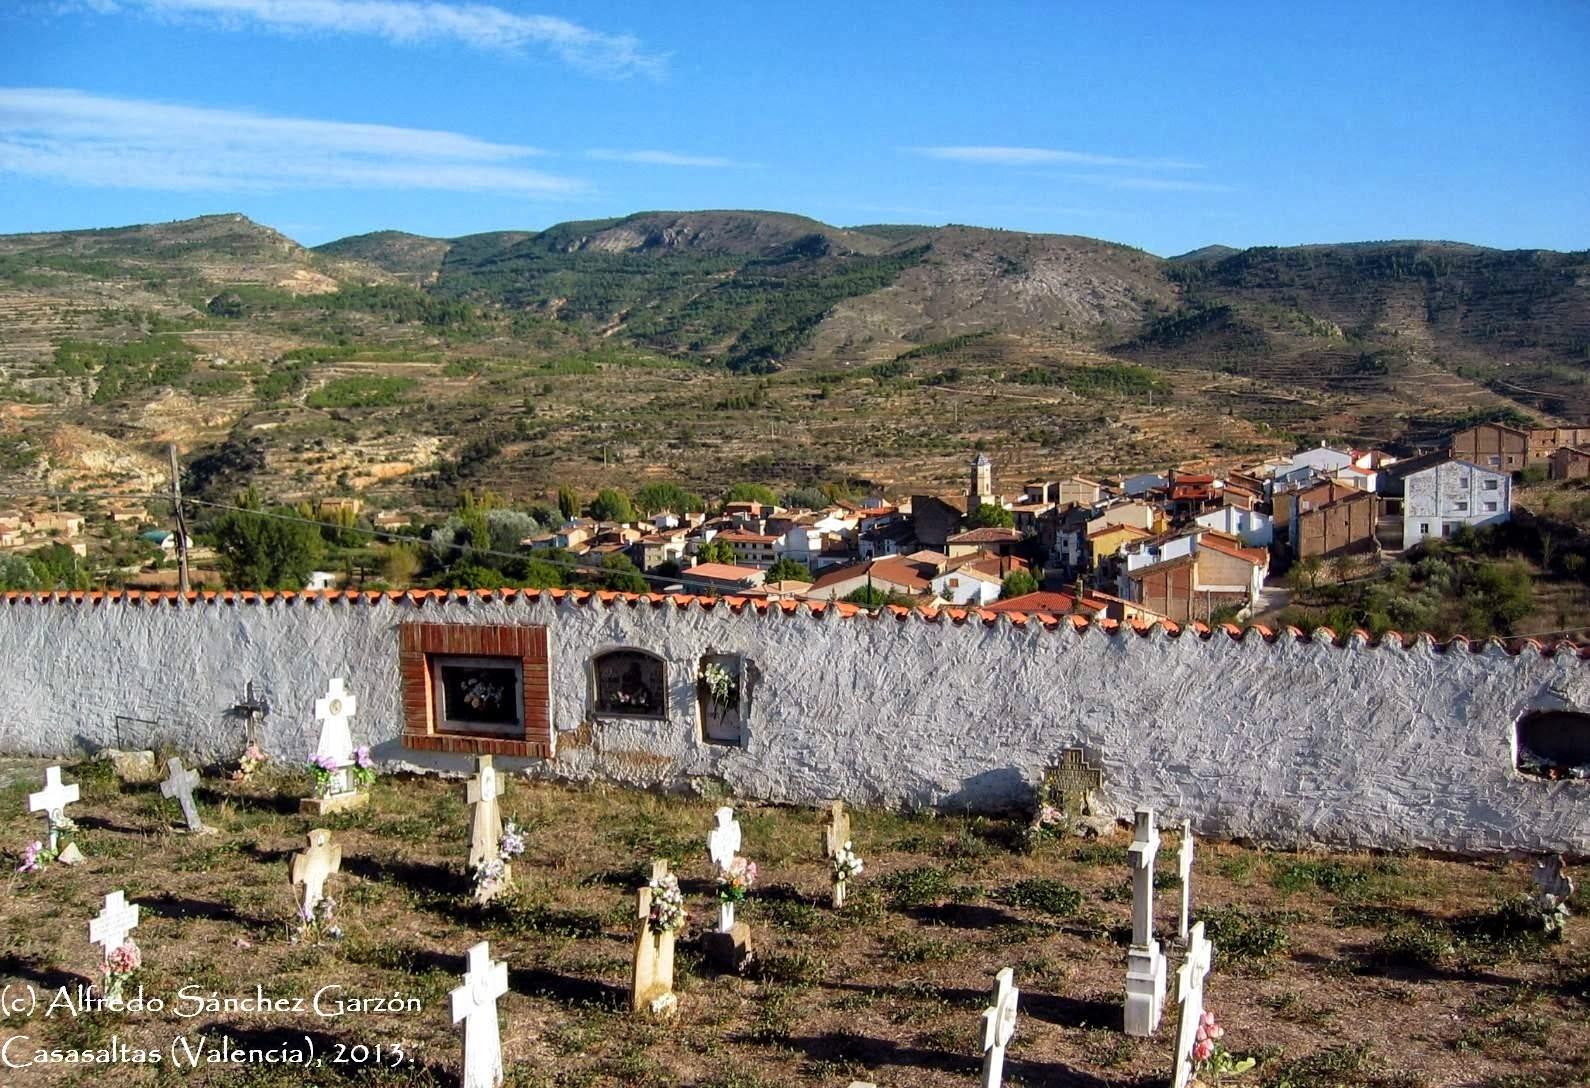 cementerio-municipal-casasaltas-valencia